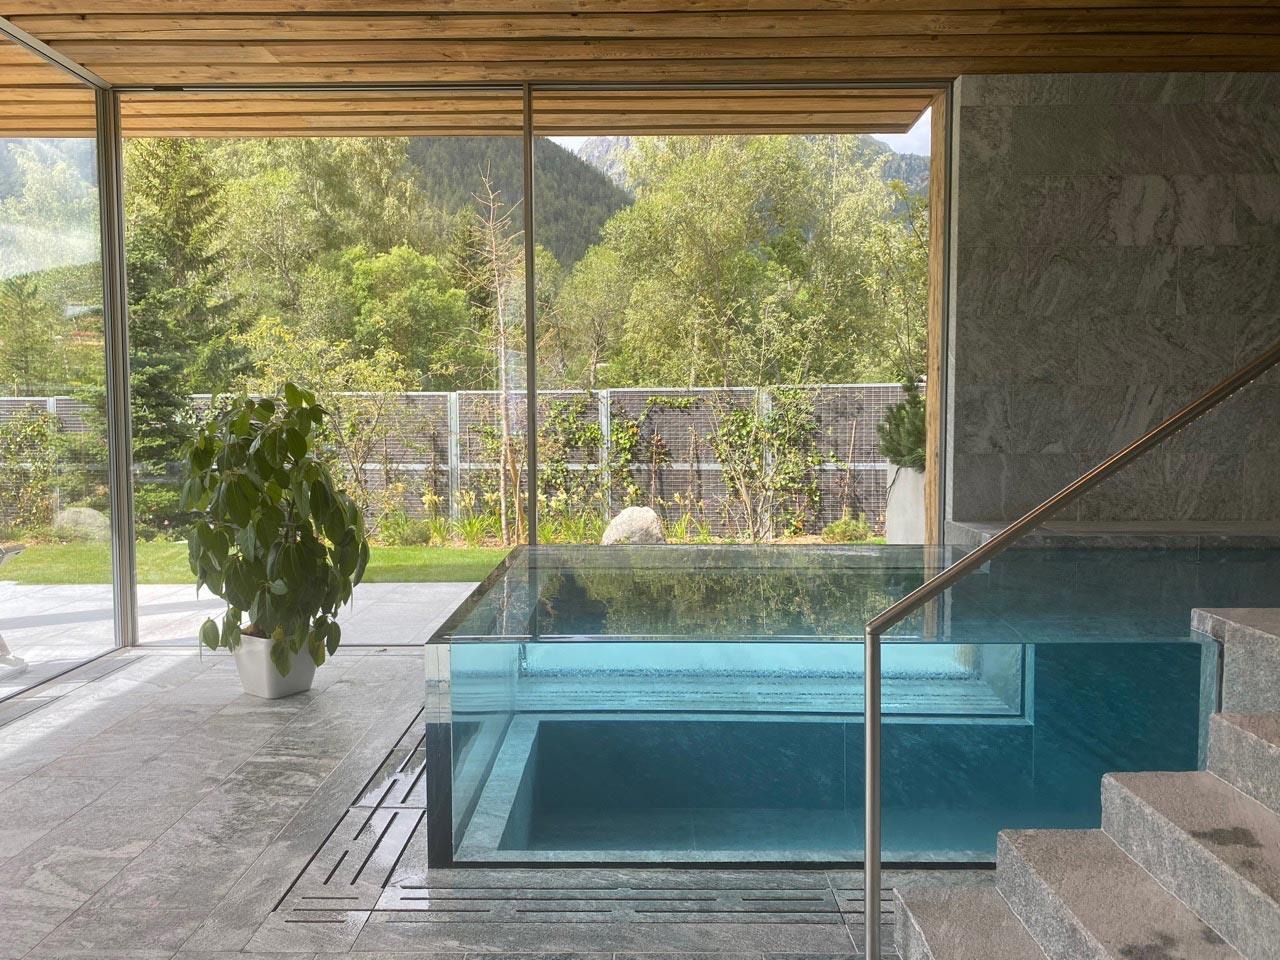 ES Aca 5760 spa hor 20 08 050 - Le Spa du Club Alpin